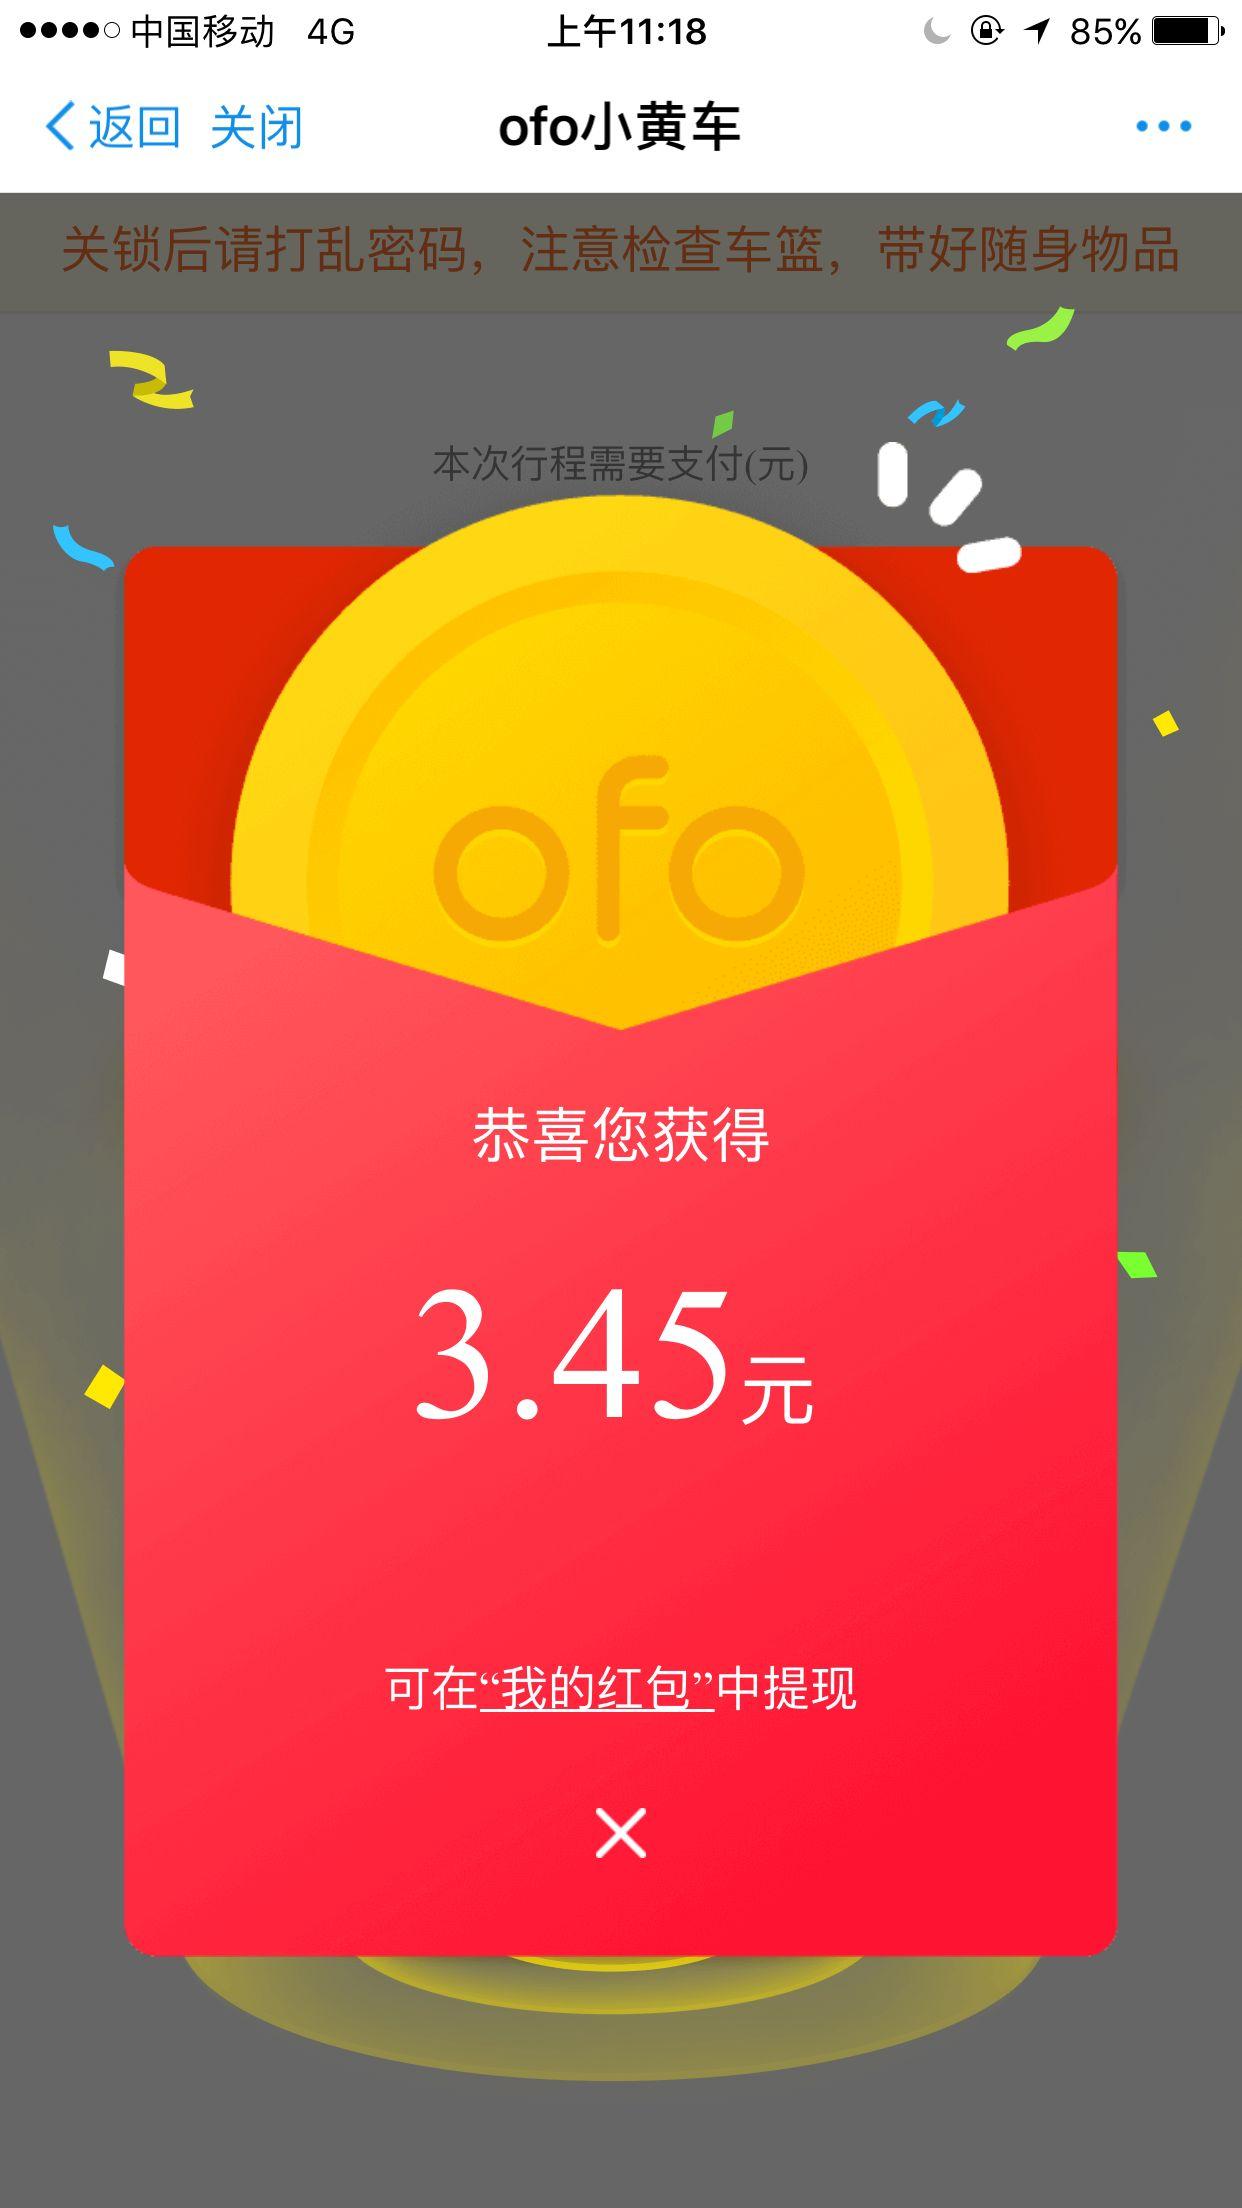 国庆8天ofo小黄车100%撸现金